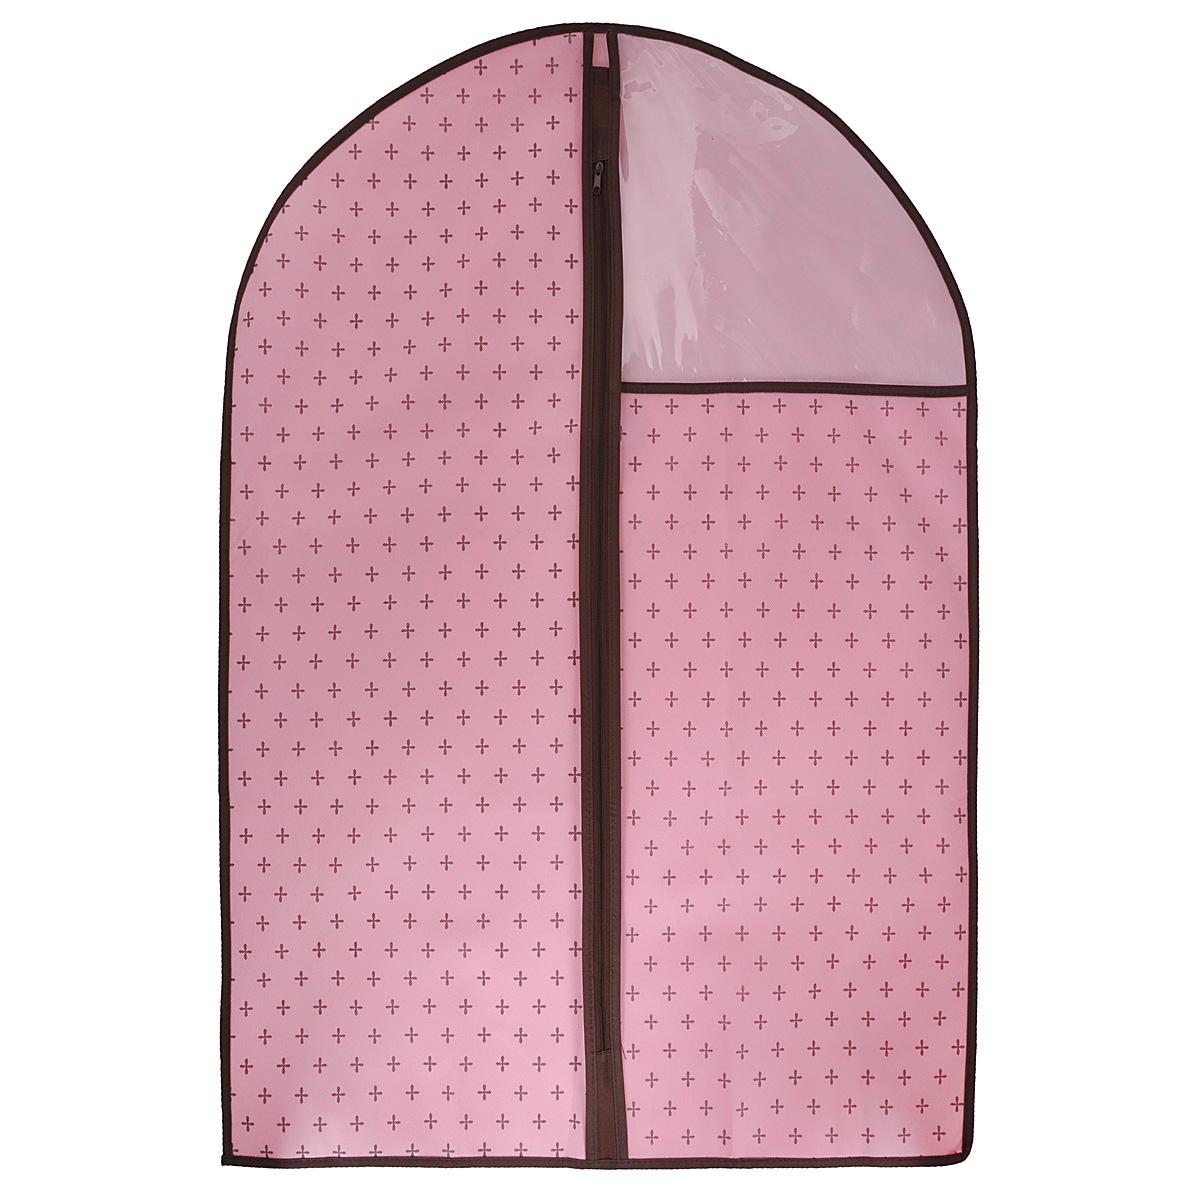 Чехол для одежды, цвет: розовый, 60 х 90 смFS-6502S-WЧехол для одежды изготовлен из высококачественного нетканого материала. Особое строение полотна создает естественную вентиляцию: материал дышит и позволяет воздуху свободно проникать внутрь чехла, не пропуская пыль. Благодаря форме чехла, одежда не мнется даже при длительном хранении. Застегивается на молнию. Окошко из пластика позволяет видеть, какие вещи находятся внутри. Чехол для одежды будет очень полезен при транспортировке вещей на близкие и дальние расстояния, при длительном хранении сезонной одежды, а также при ежедневном хранении вещей из деликатных тканей. Чехол для одежды не только защитит ваши вещи от пыли и влаги, но и поможет доставить одежду на любое мероприятие в идеальном состоянии.